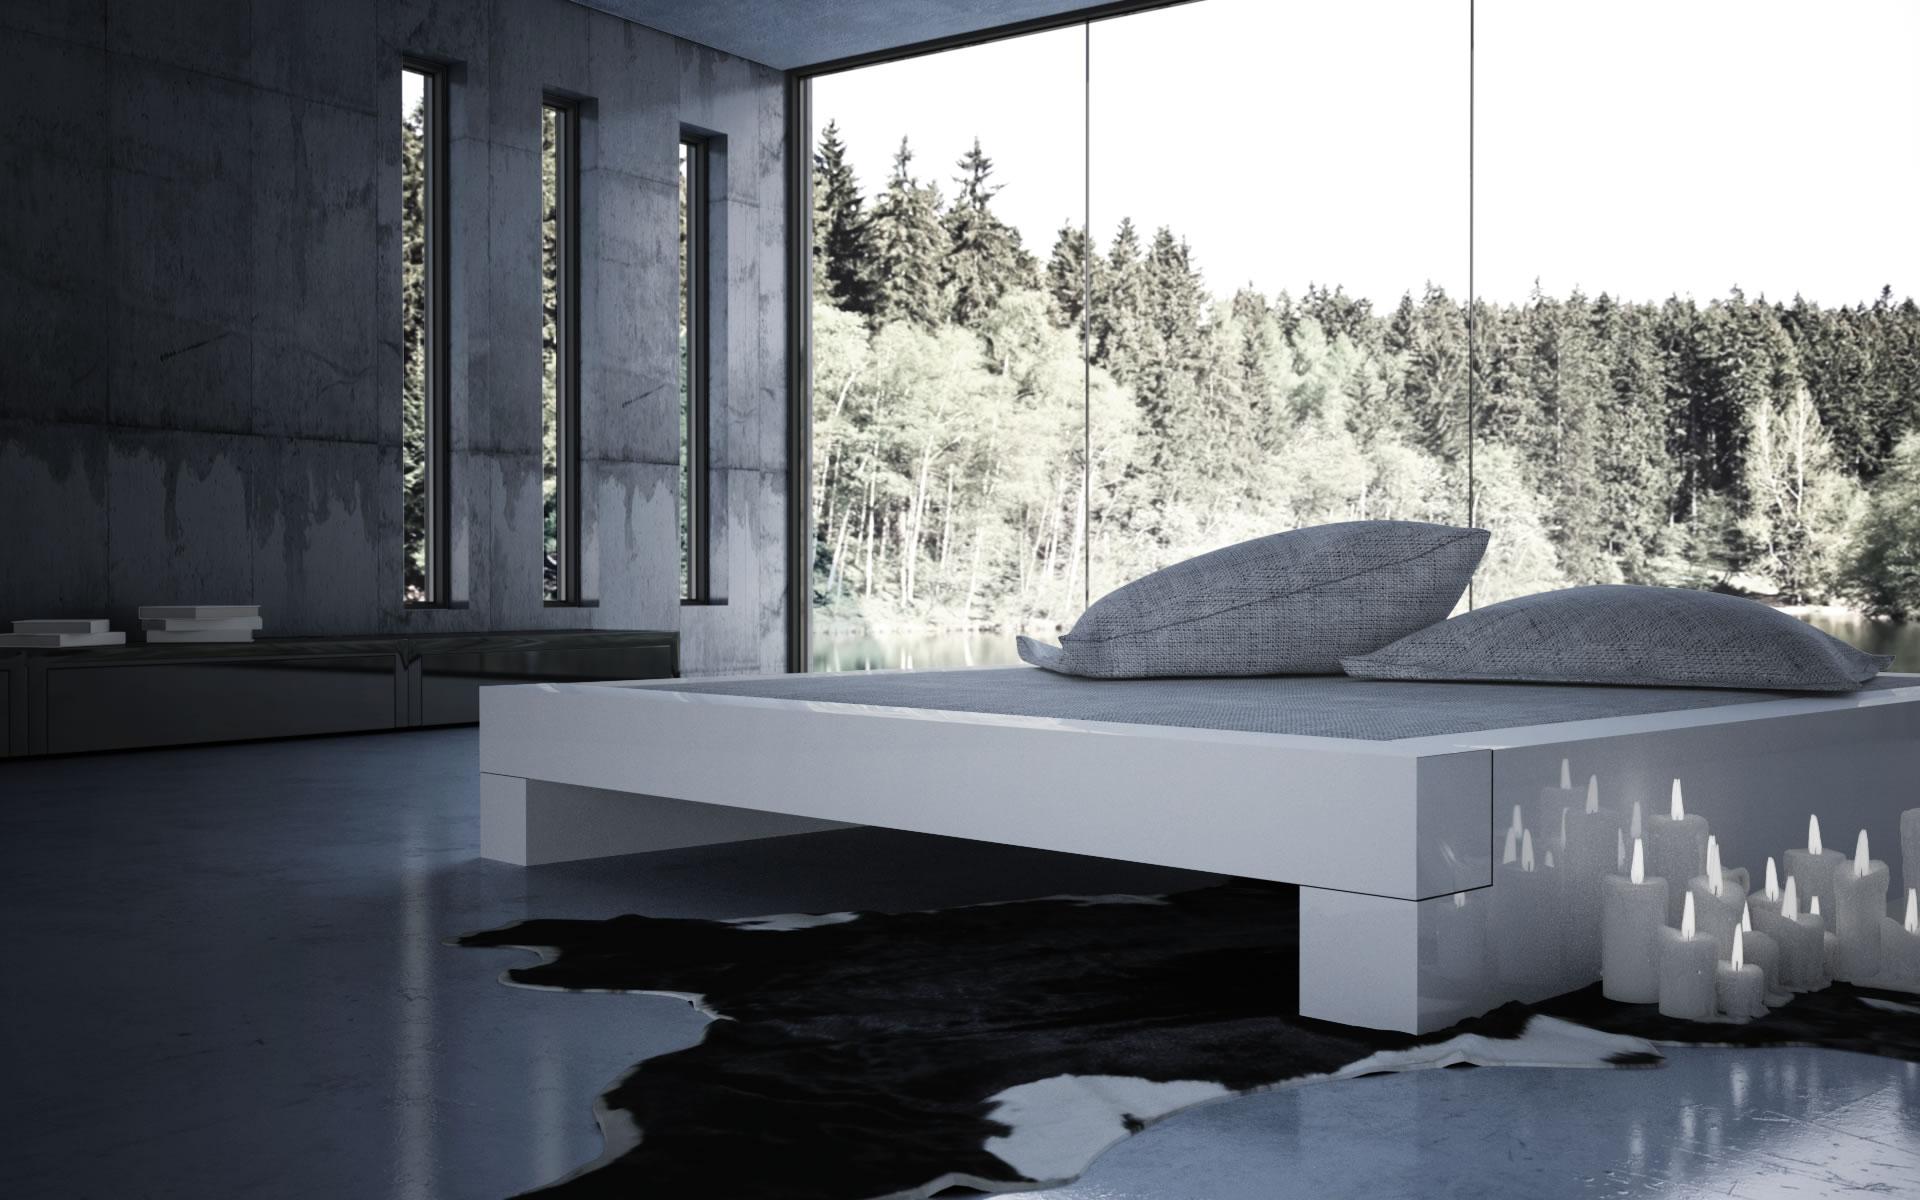 Full Size of Bett Modern Design Italienisches Puristisch Somnium Minimalistisches Von Bettwäsche Sprüche 160x200 Komforthöhe 120x200 Weiß Betten Mit Schubladen Bett Bett Modern Design